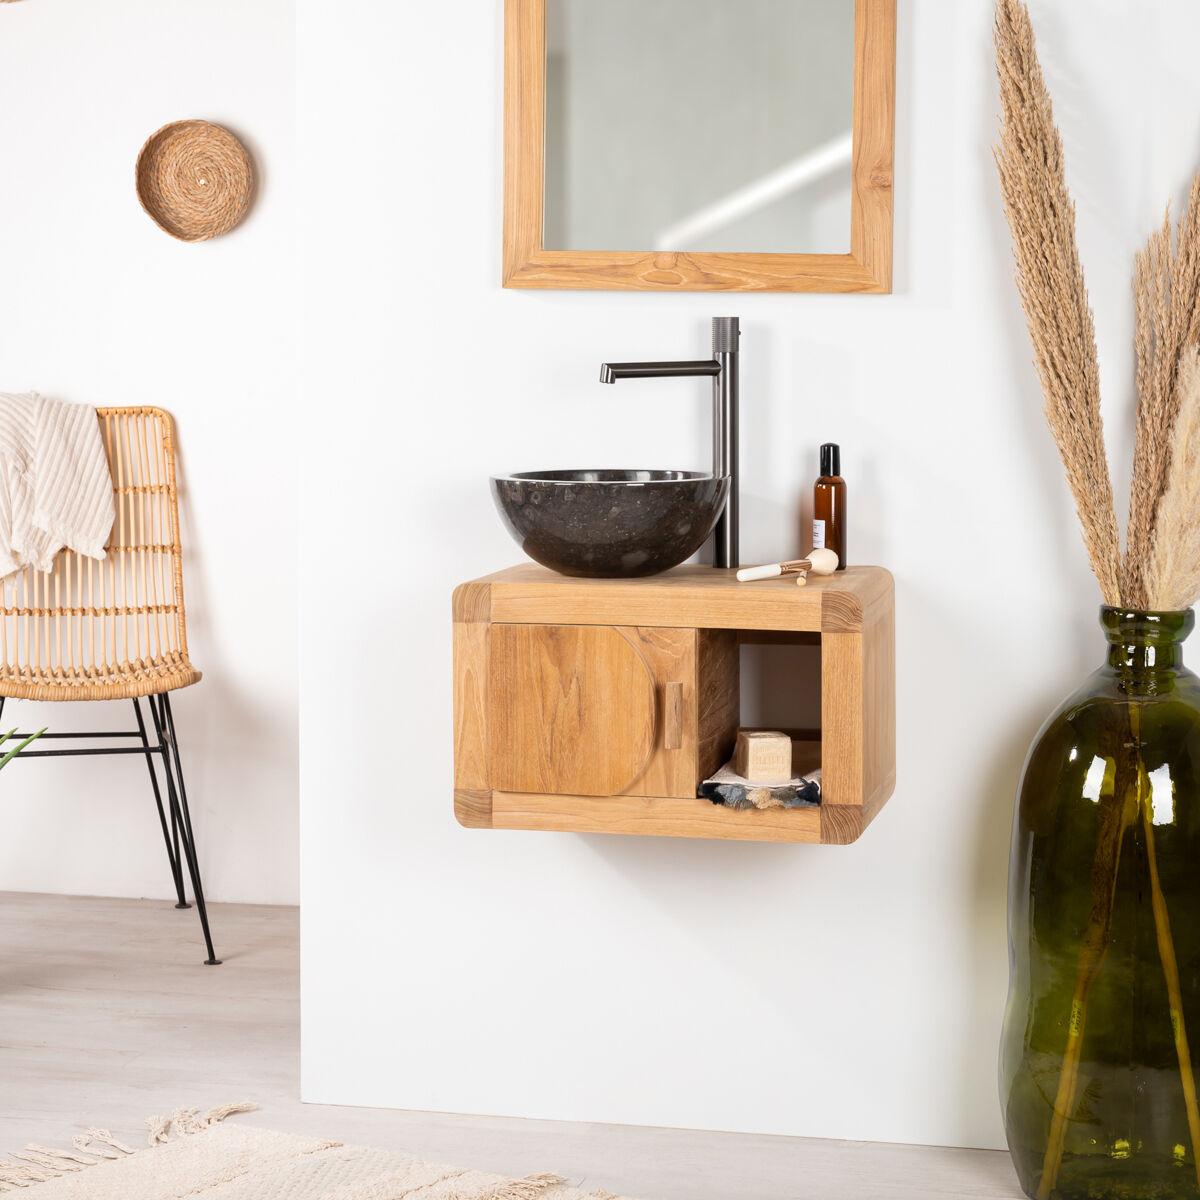 Wanda Collection Petit meuble de salle de bain suspendu 50 cm en teck massif rétro